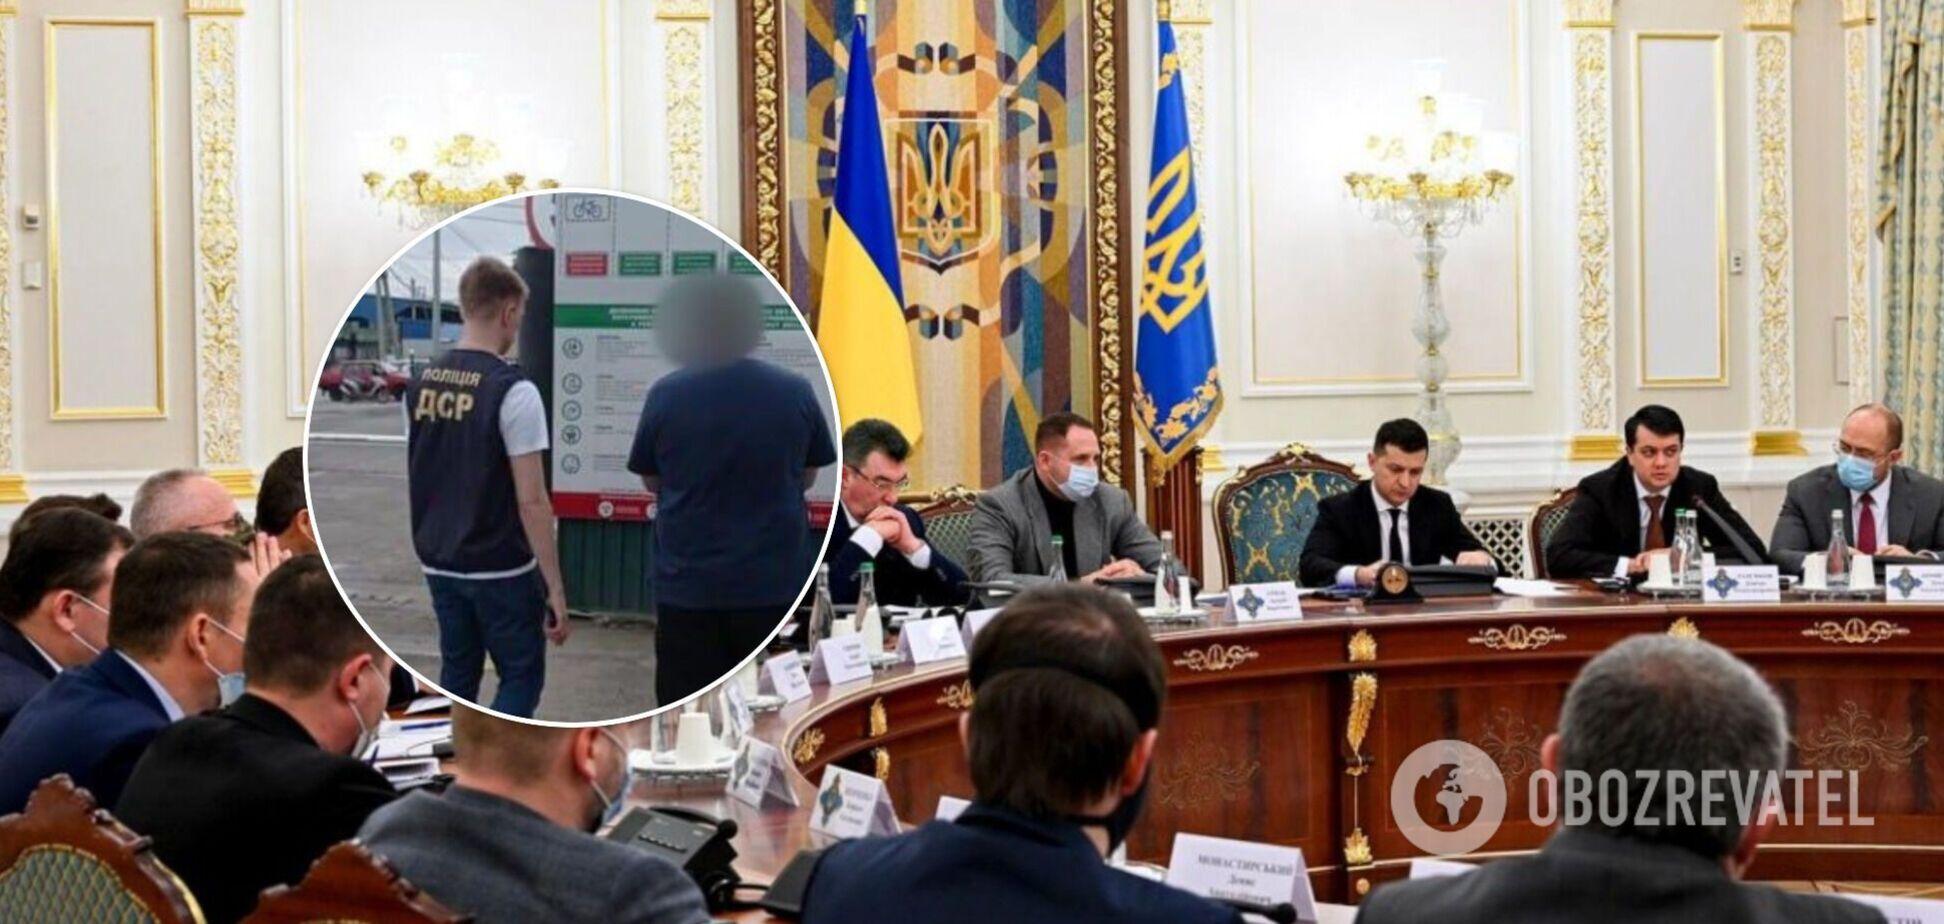 Из Украины выдворили уголовного авторитета, попавшего под санкции СНБО. Фото